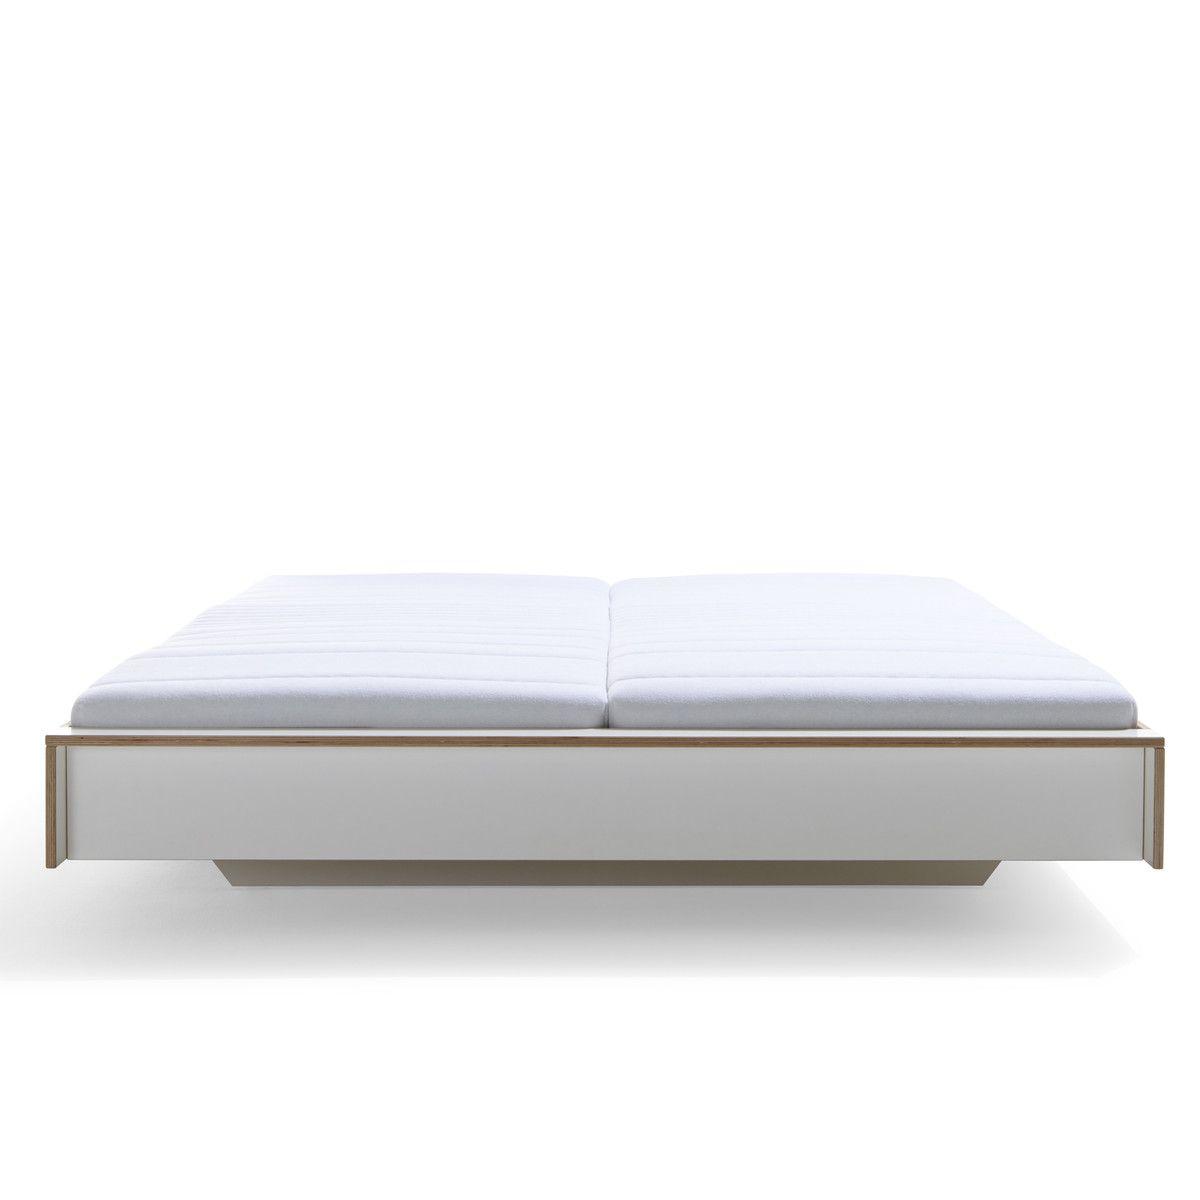 Flai Bett Von Müller Möbelwerkstätten Im Shop Bett Ideen Bett 180 Bett